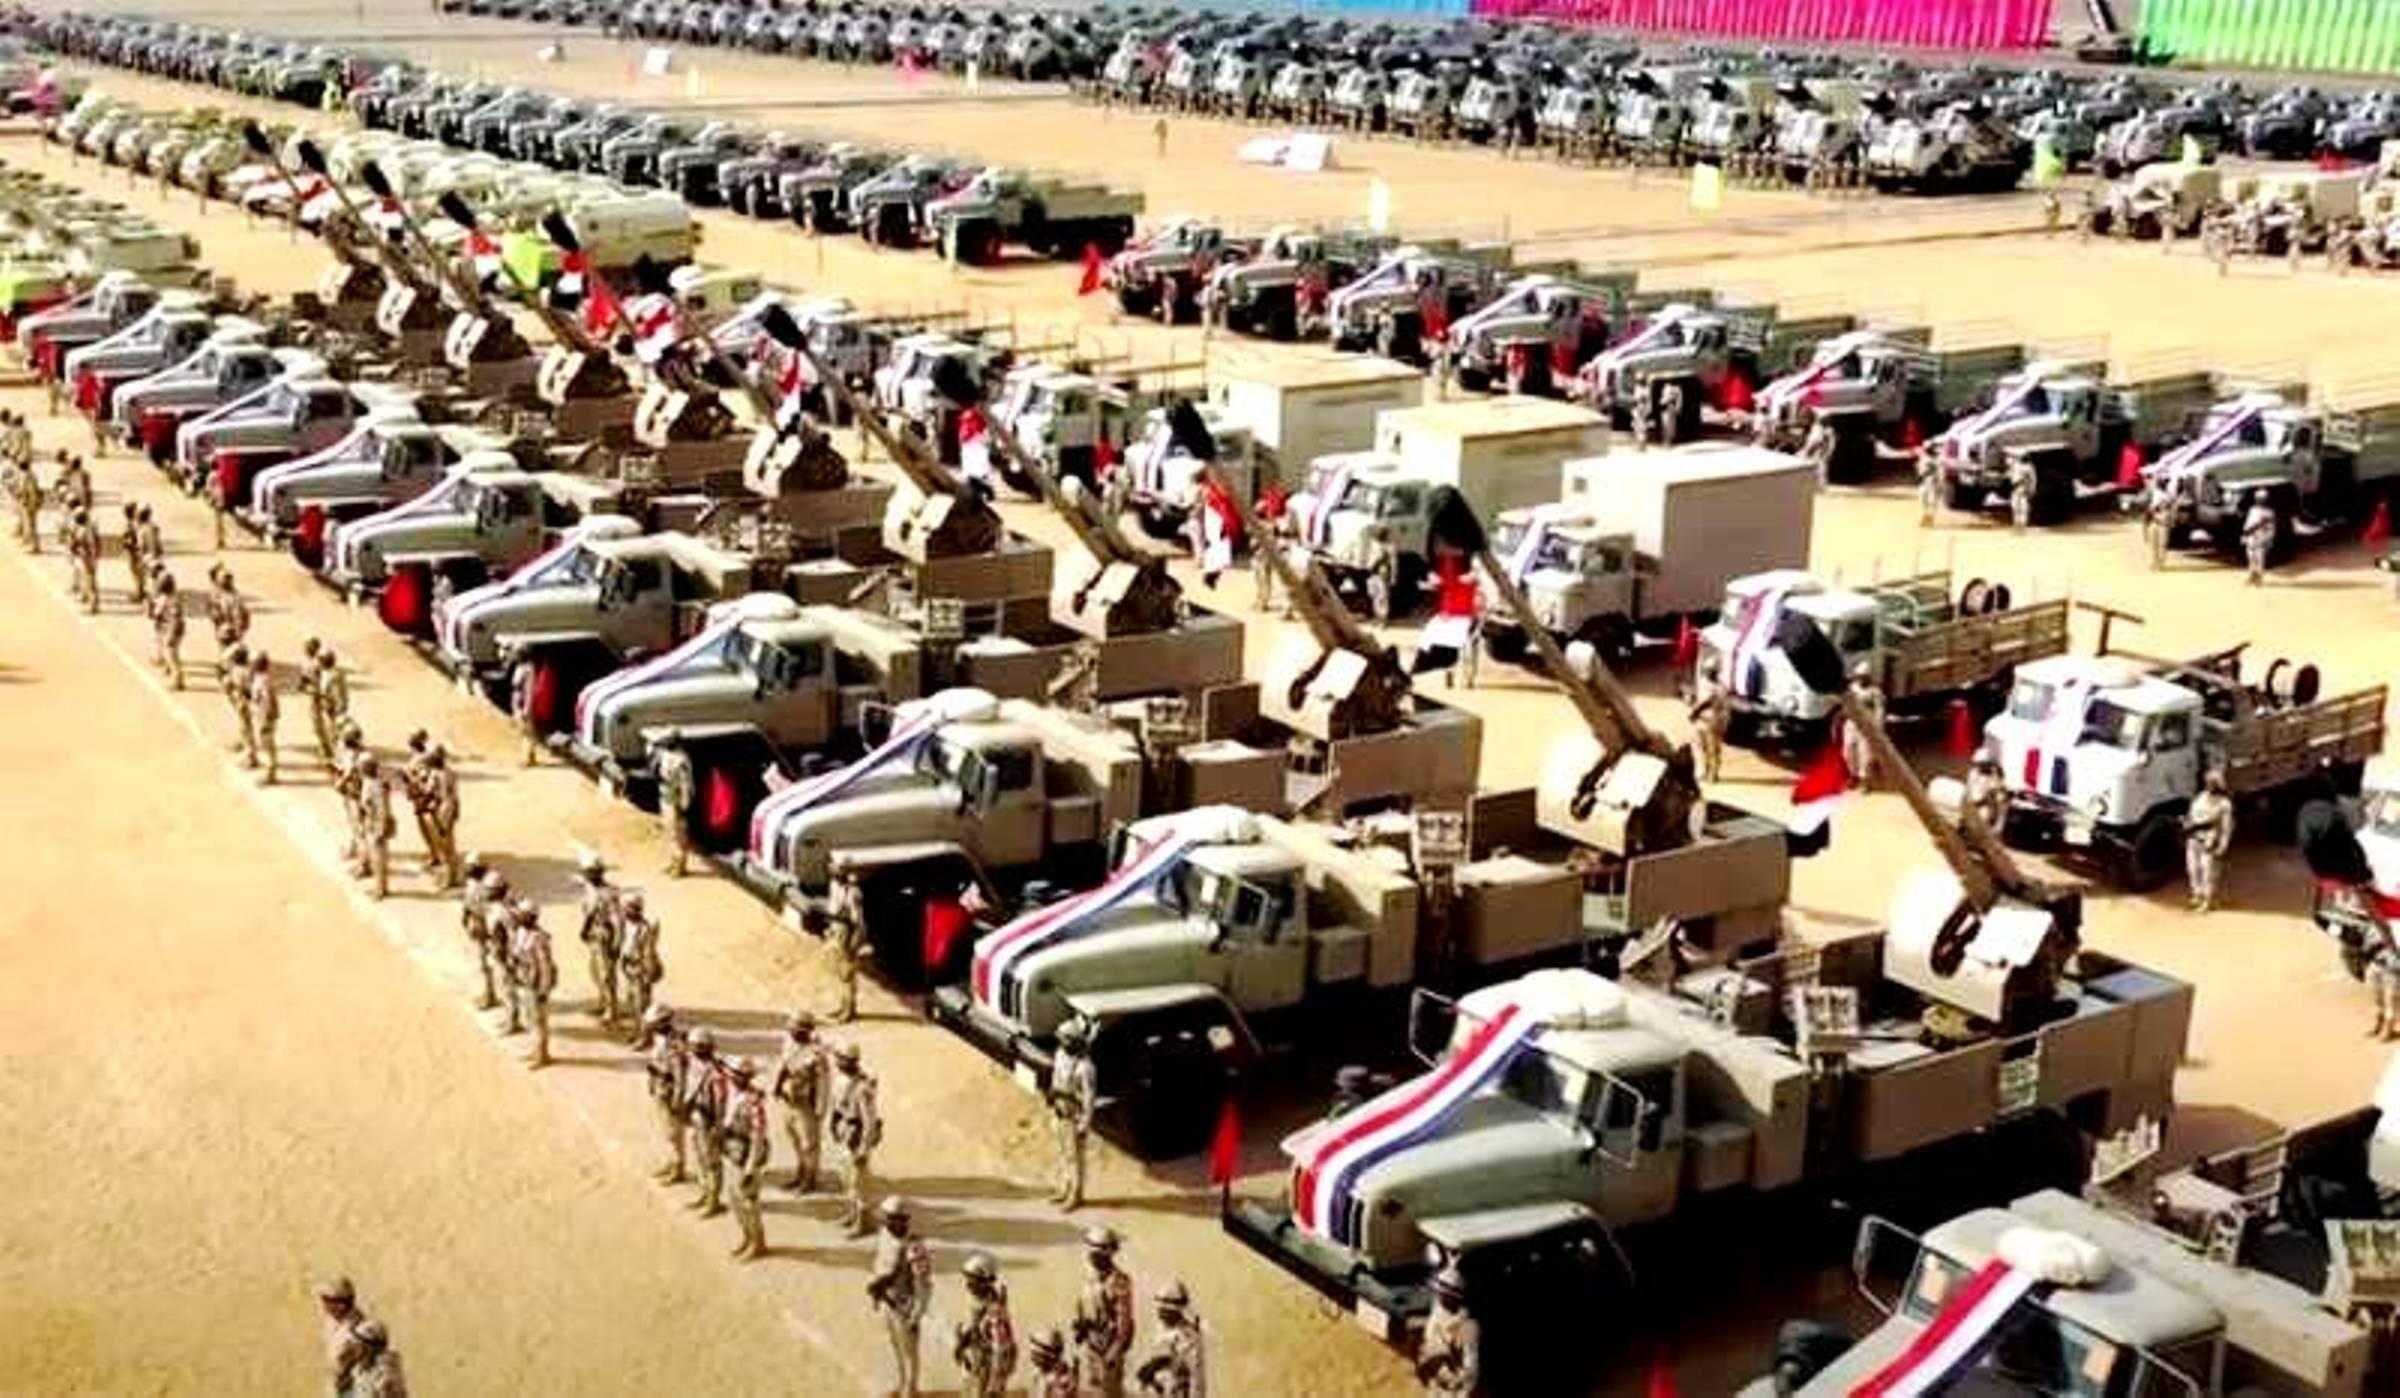 Η Λιβύη γίνεται αρένα σύγκρουσης μεταξύ Αιγύπτου και φιλοτούρκων μαχητών